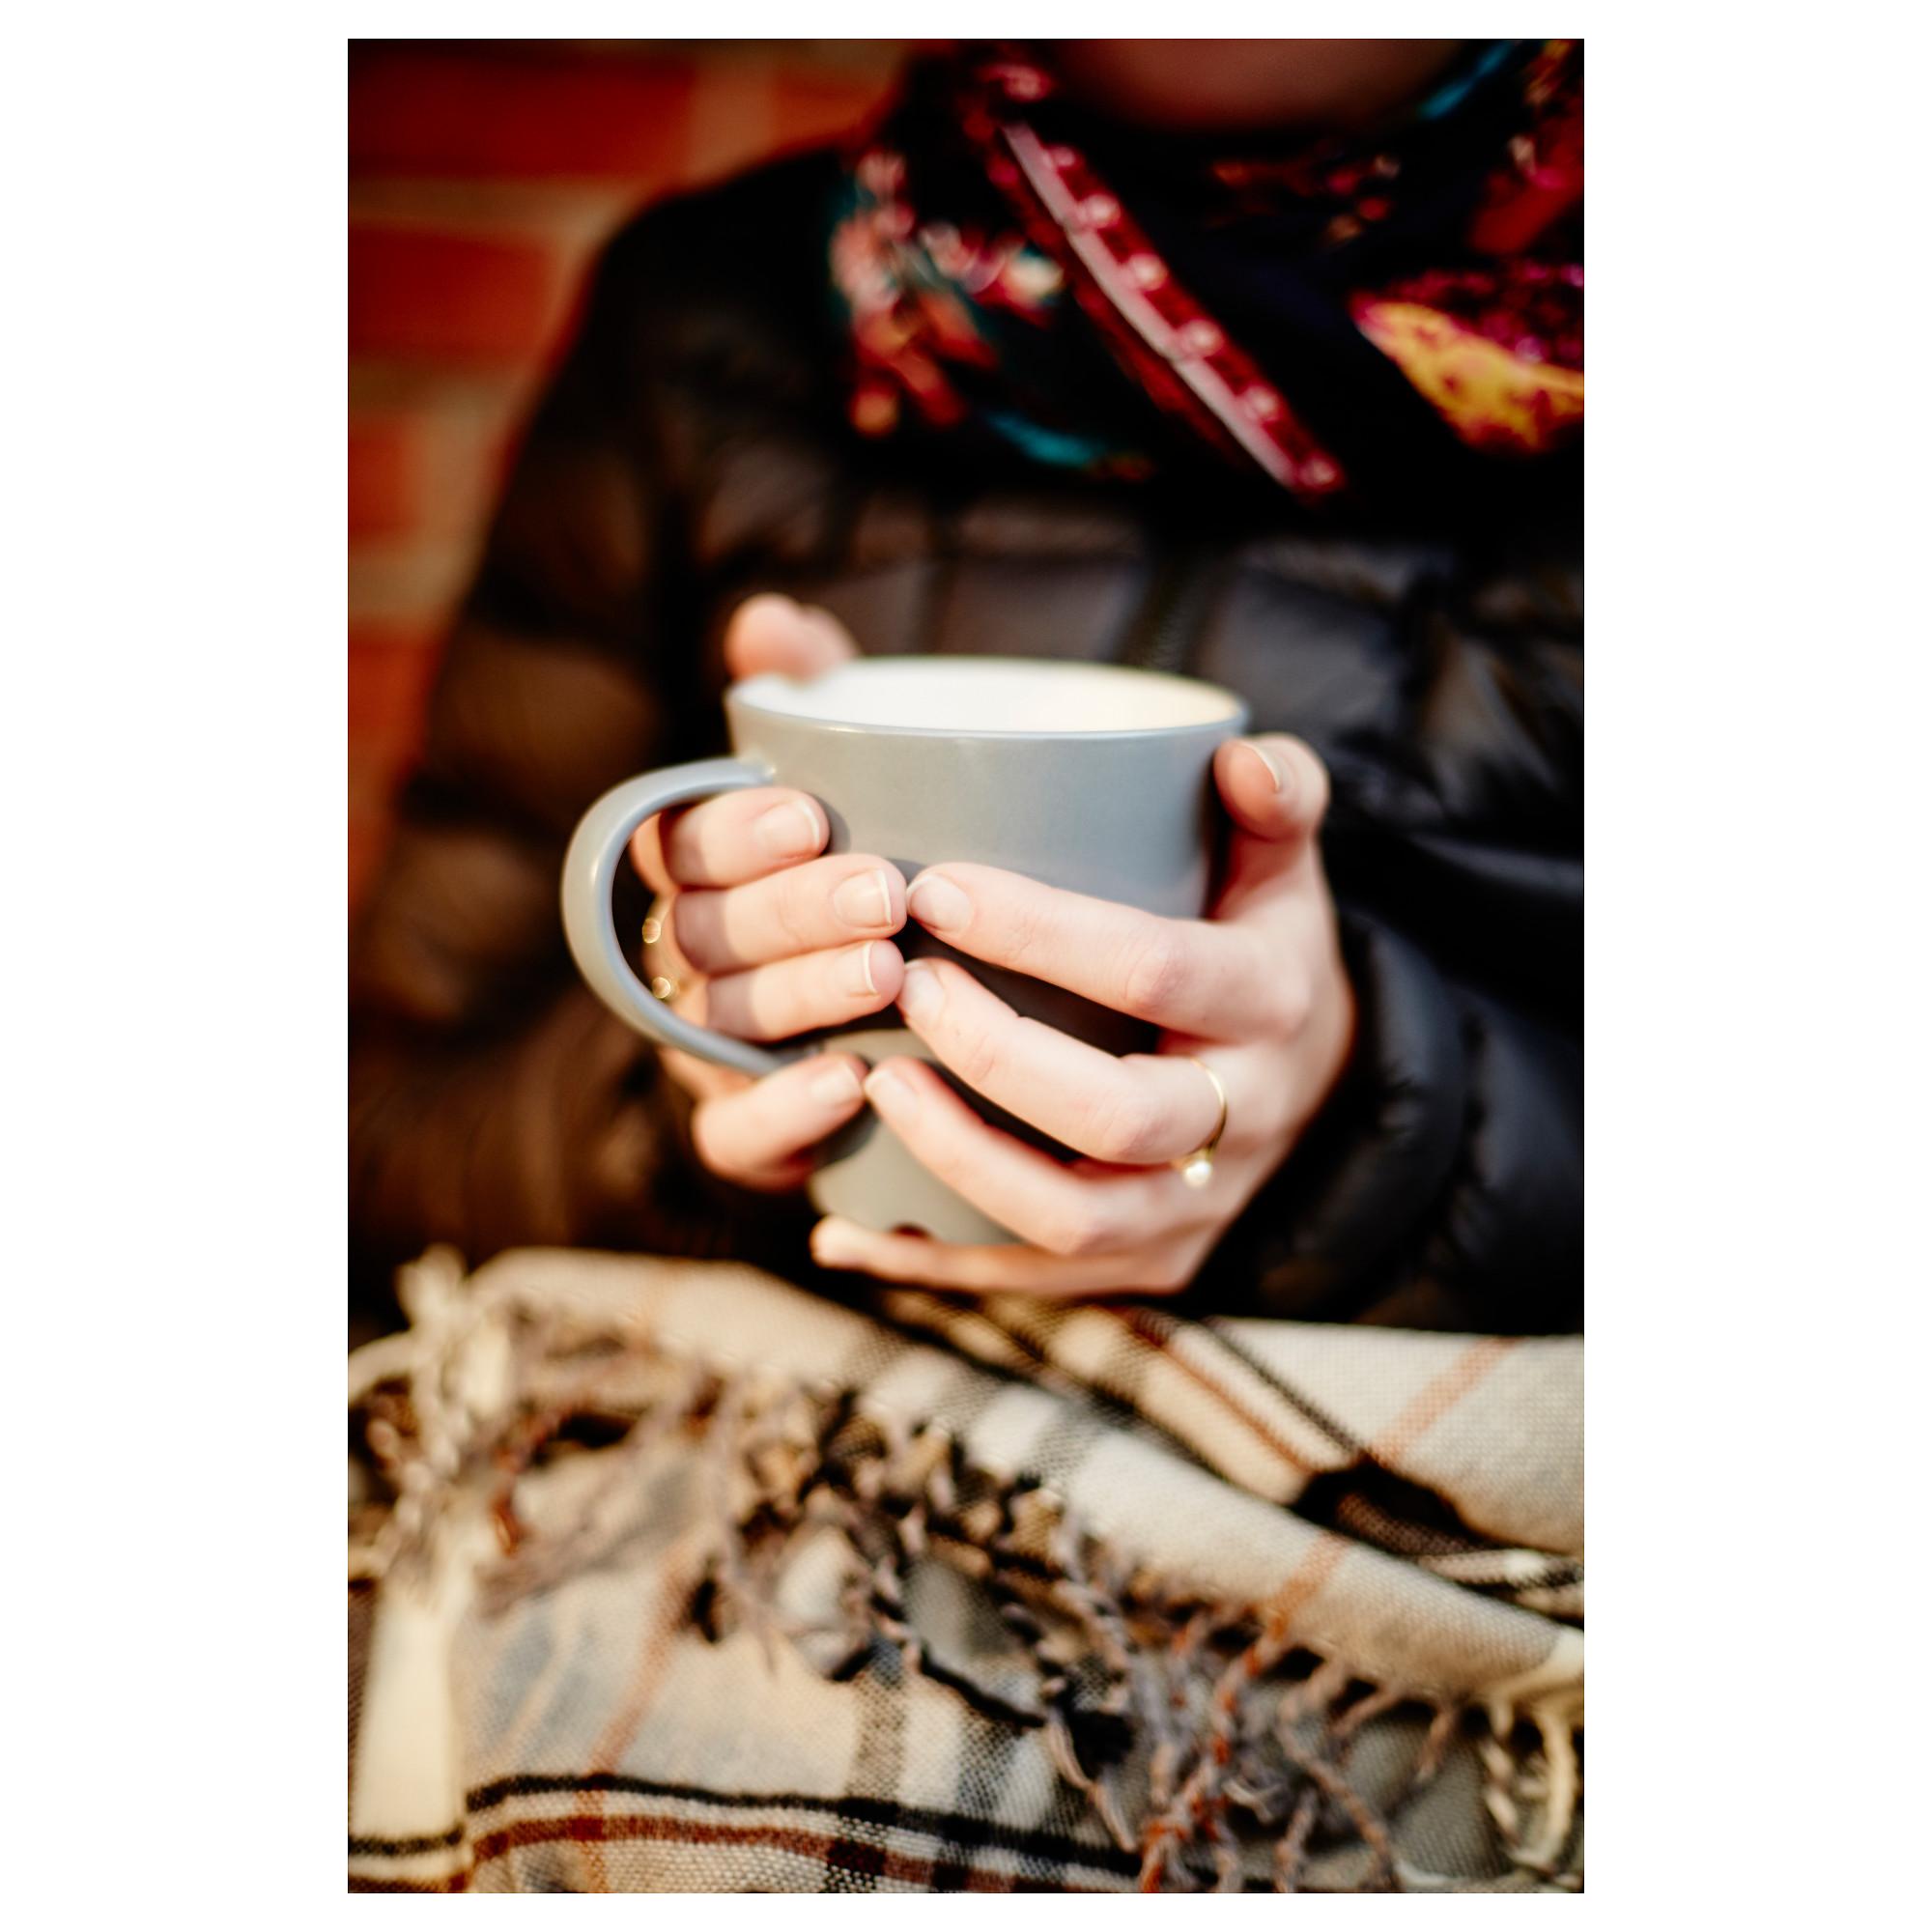 Кружка ДИНЕРА белый артикуль № 904.114.84 в наличии. Интернет каталог ИКЕА Беларусь. Недорогая доставка и соборка.